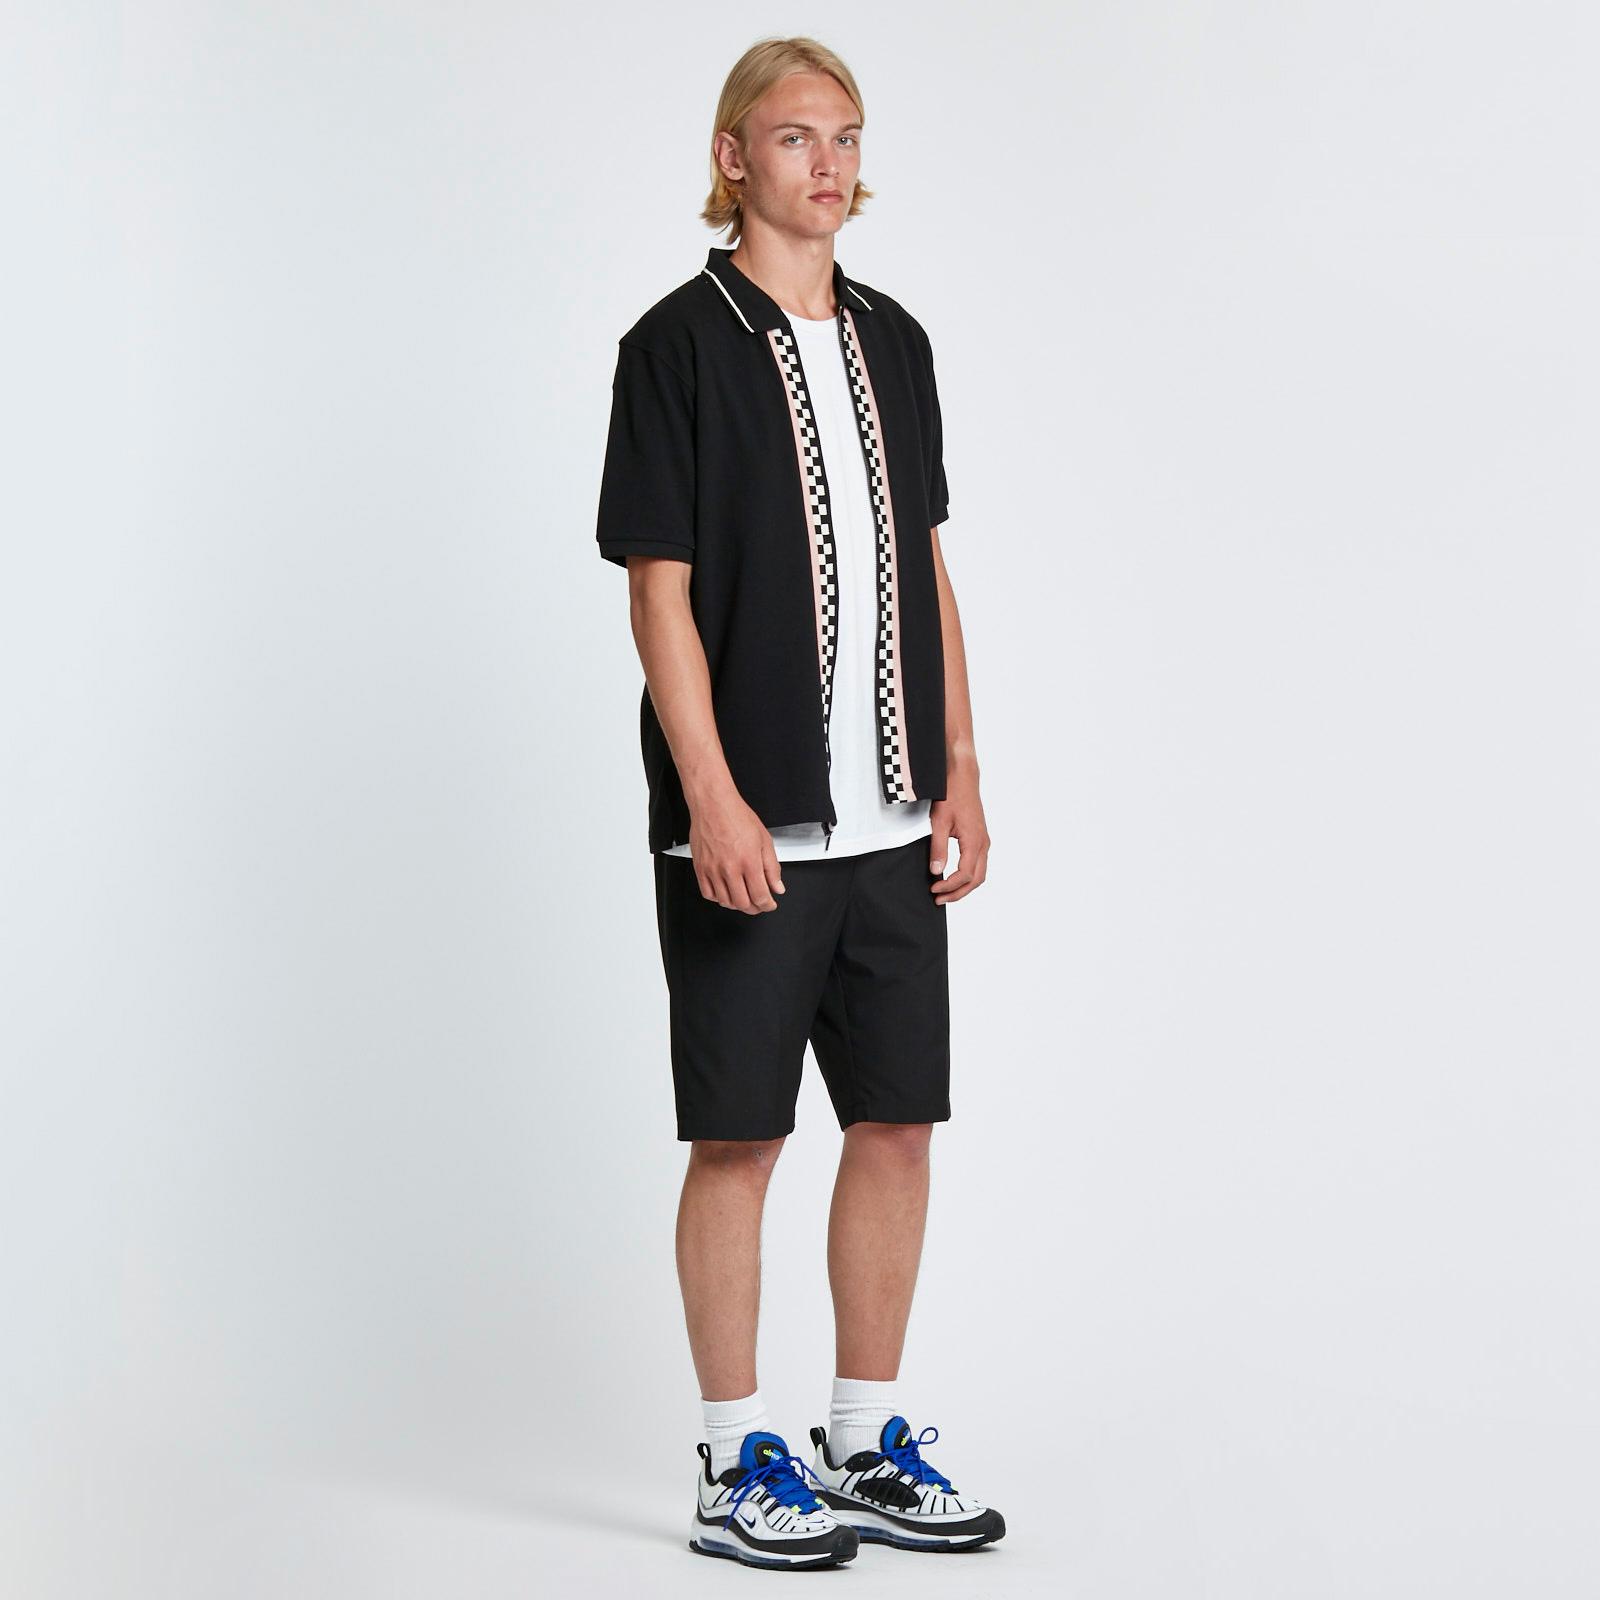 bb1c17f2 Stussy Julian Full Zip Polo - 1140076-0001 - Sneakersnstuff ...